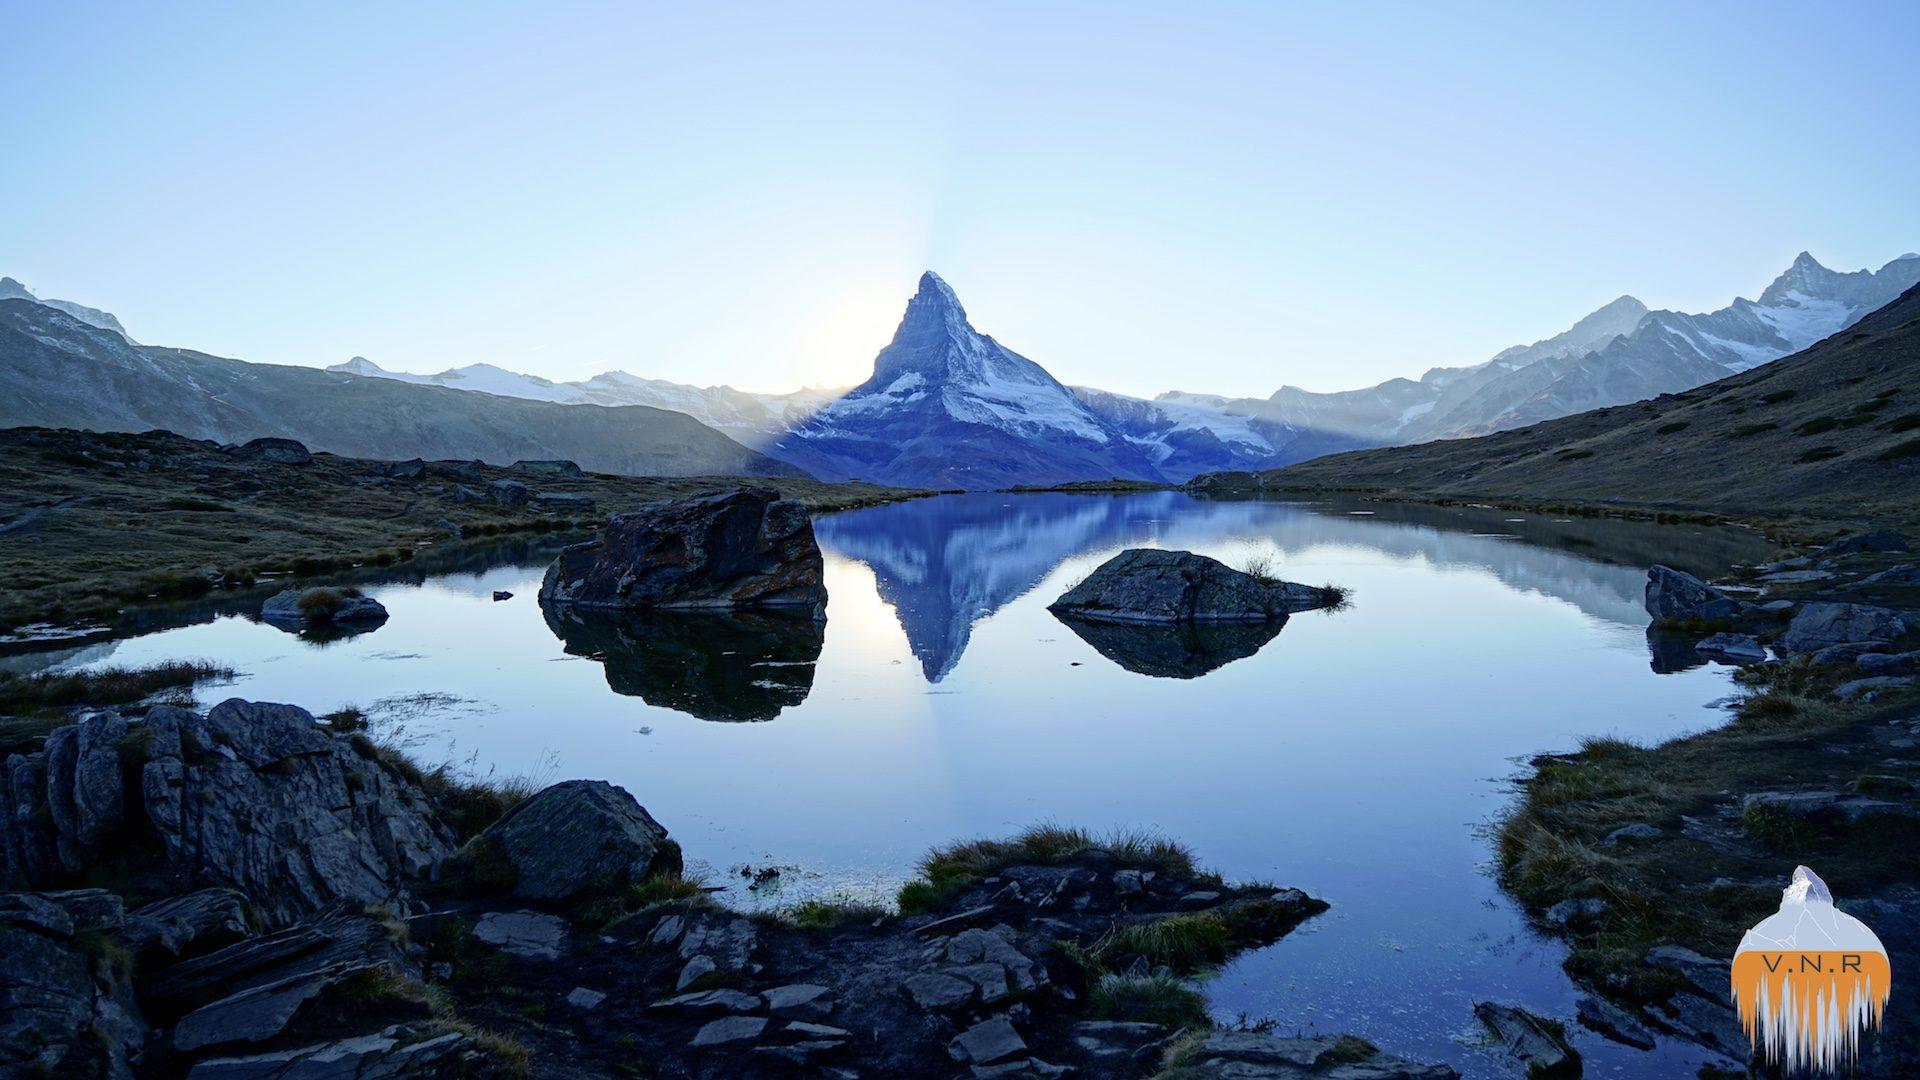 Matterhorn Shadow